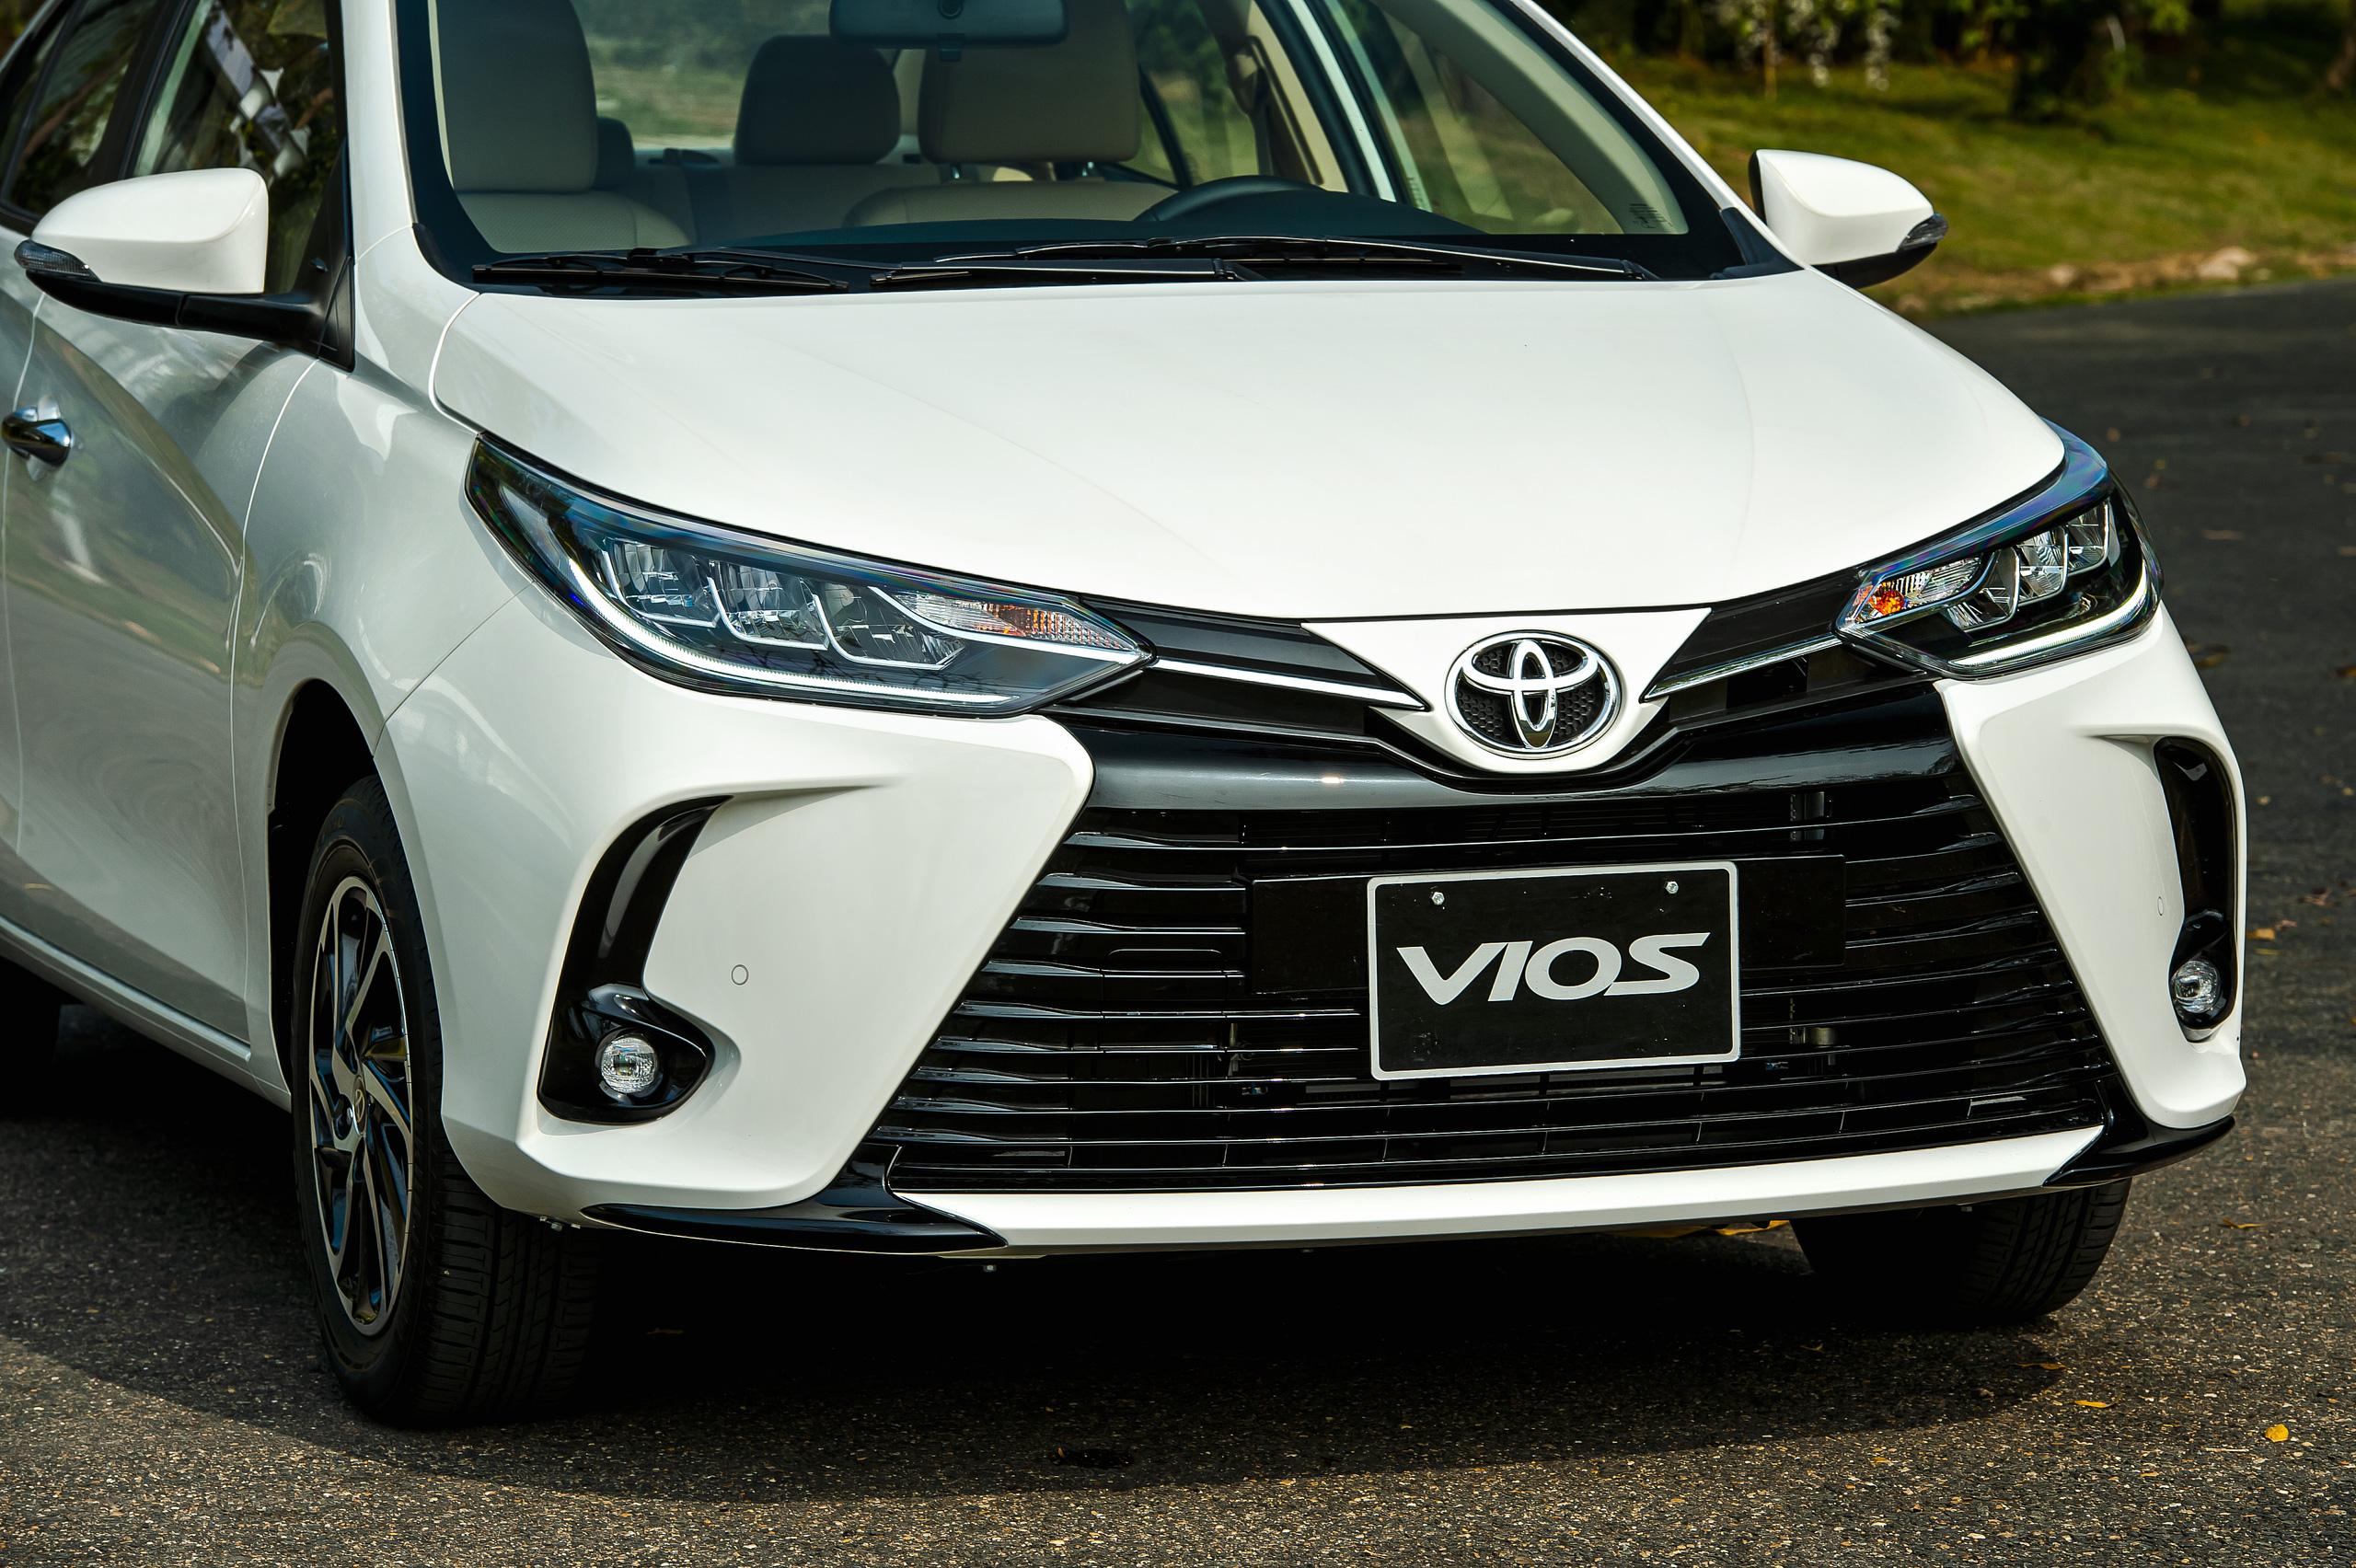 Chiếc Toyota Vios 2021 đầu tiên xuất hiện tại Việt Nam, giá chỉ từ 478 triệu đồng - Ảnh 4.